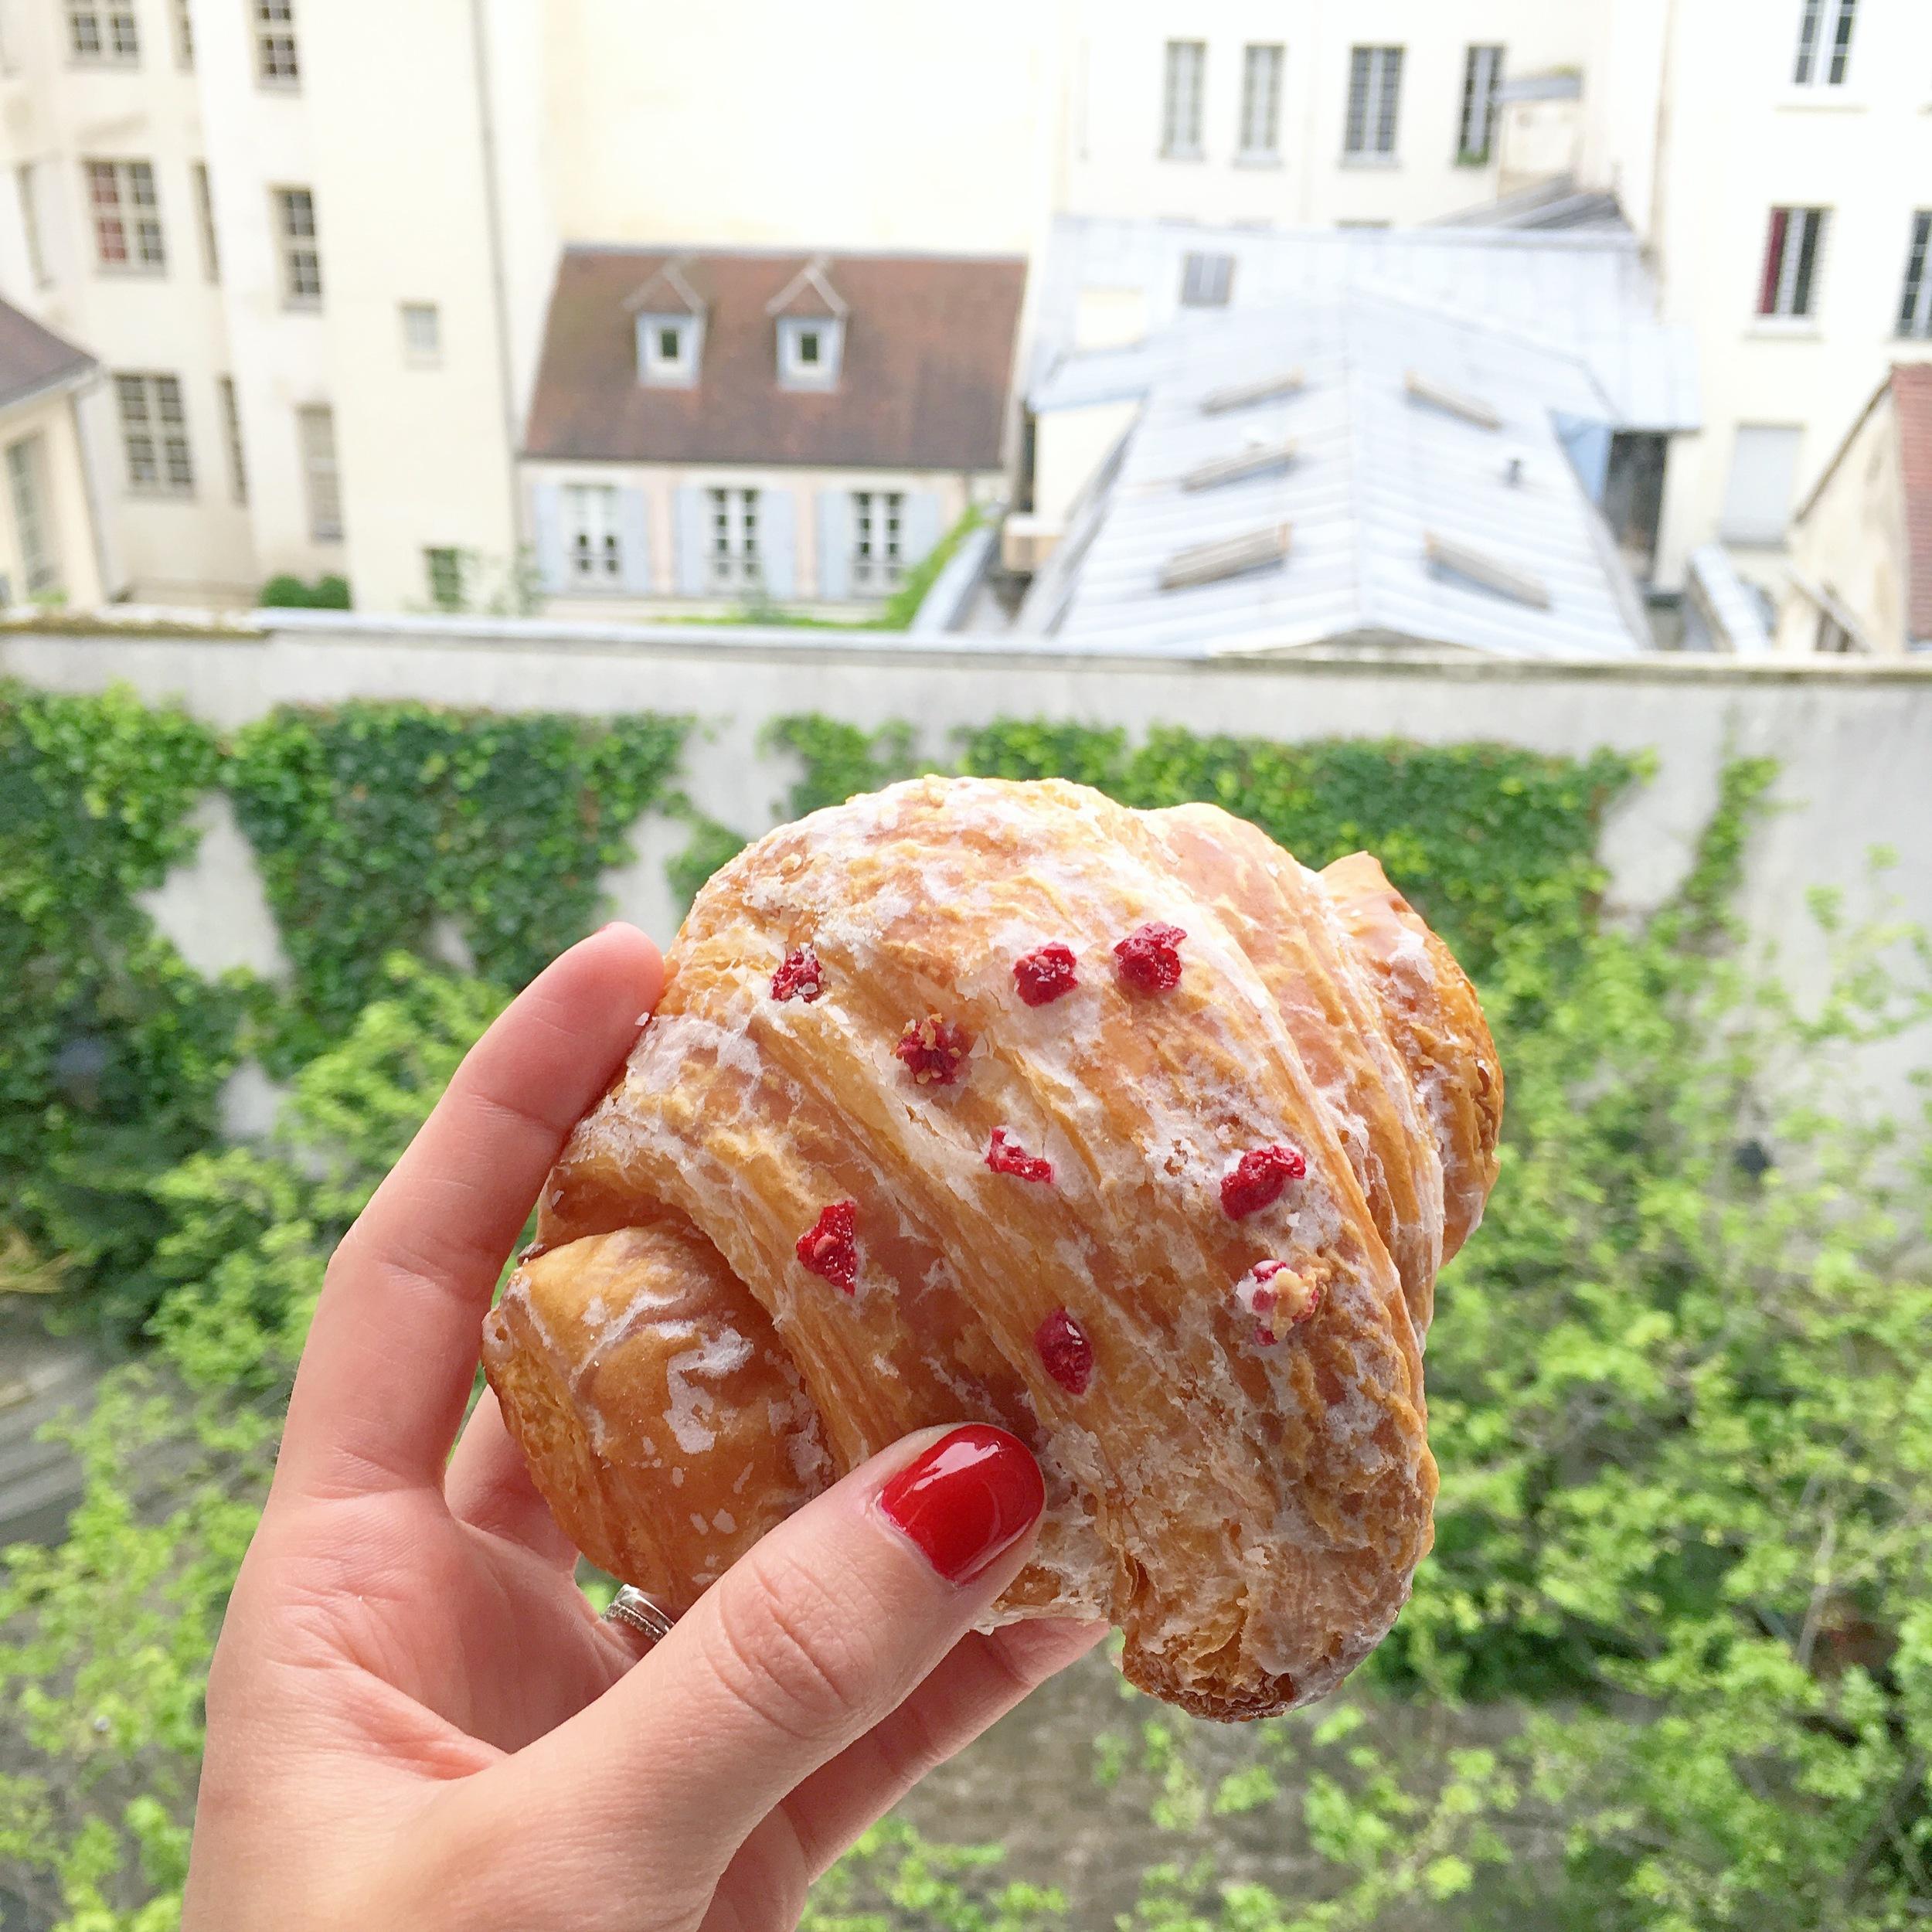 Pierre Herme Ipsahan Croissant, Paris #mfrancisdesigntravels